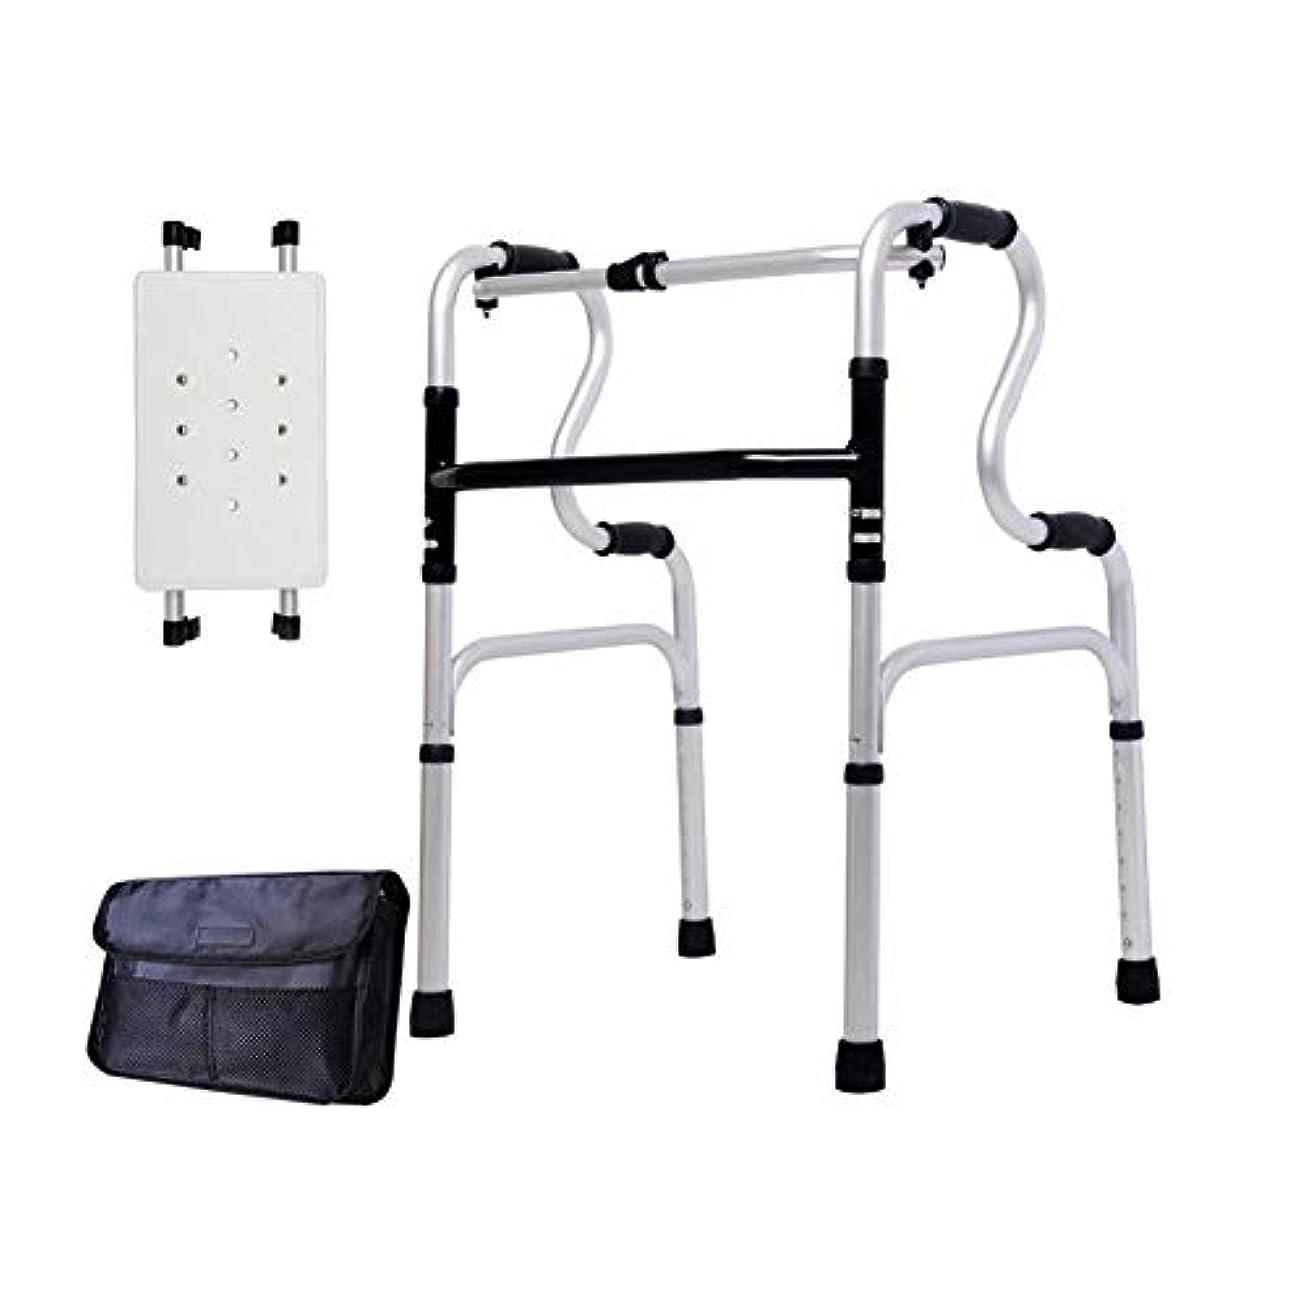 可能にする気づかない弱点調節可能な高さの歩行フレーム、取り外し可能なバスシートと収納袋付きの非車輪付き軽量ウォーカー (Color : A)